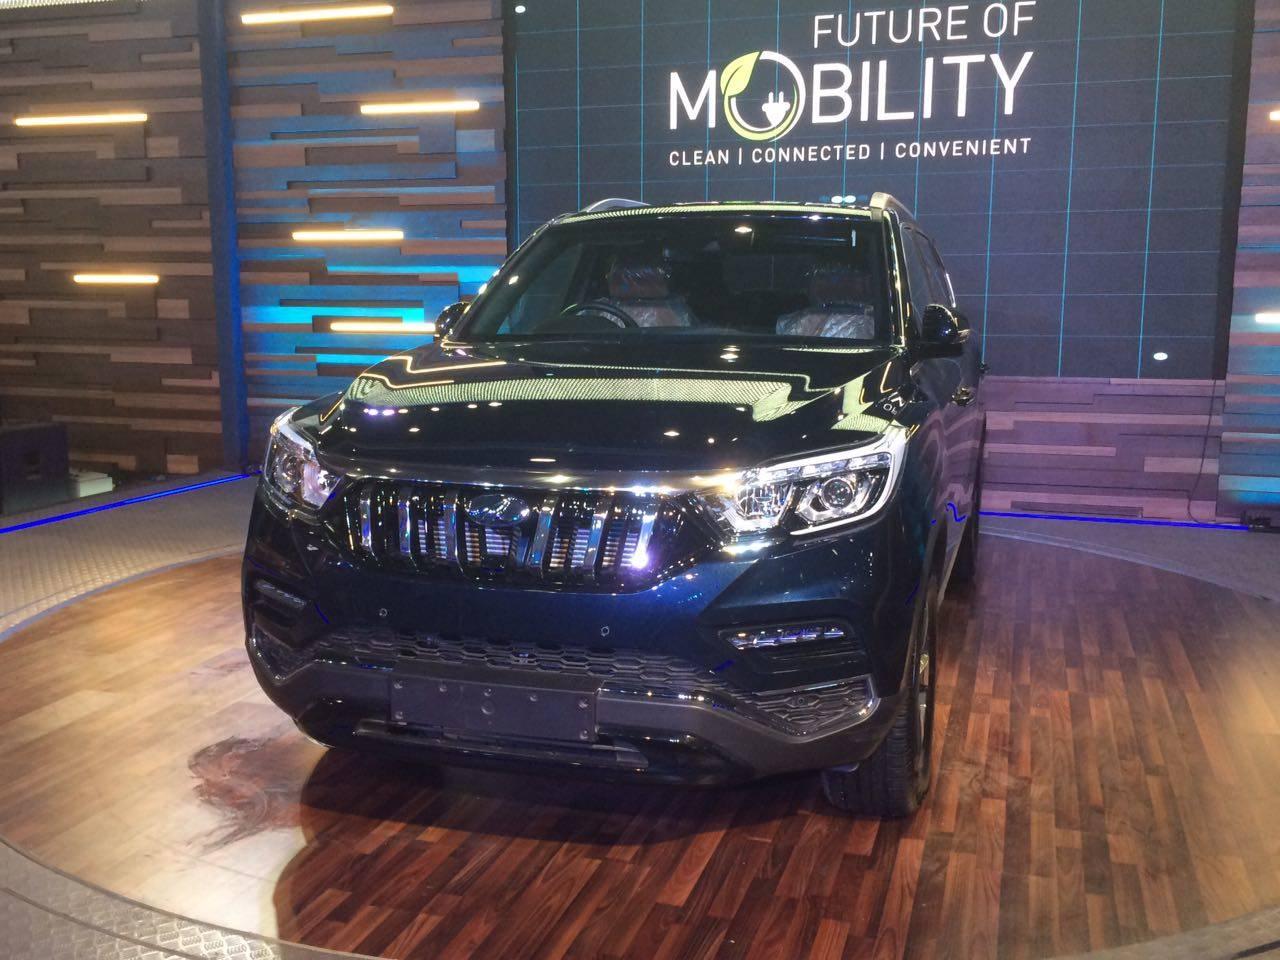 Mahindra Mahindra Autoexpo2018 Mahindra Unveils New G4 Rexton